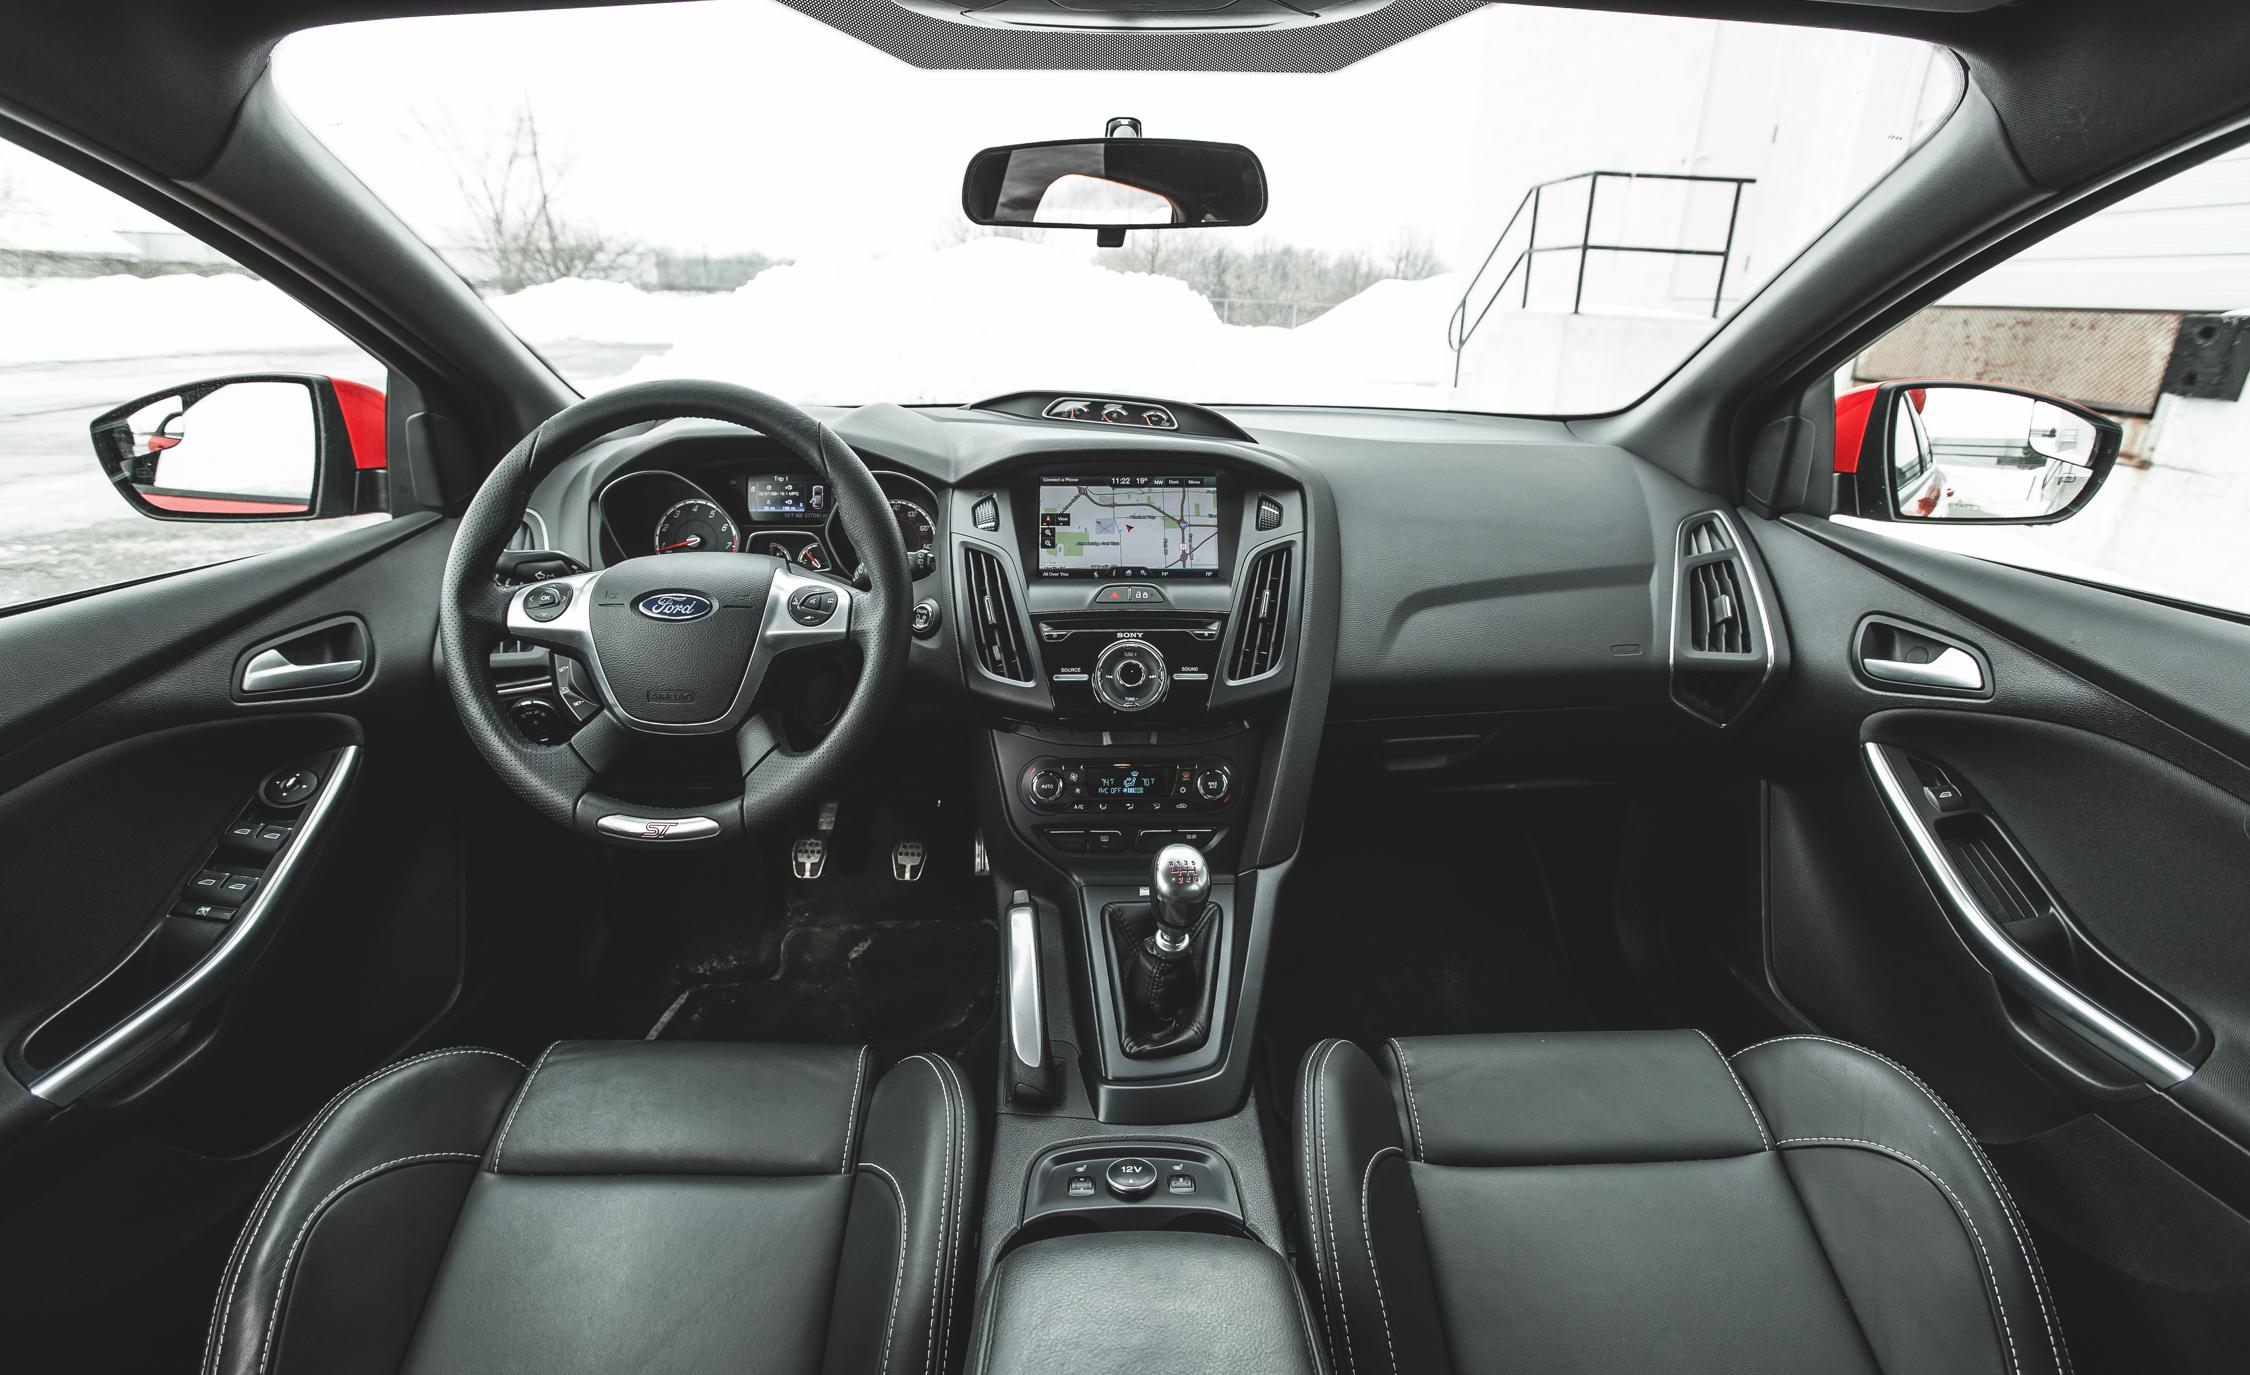 2014 ford focus st interior - Ford Focus St Interior